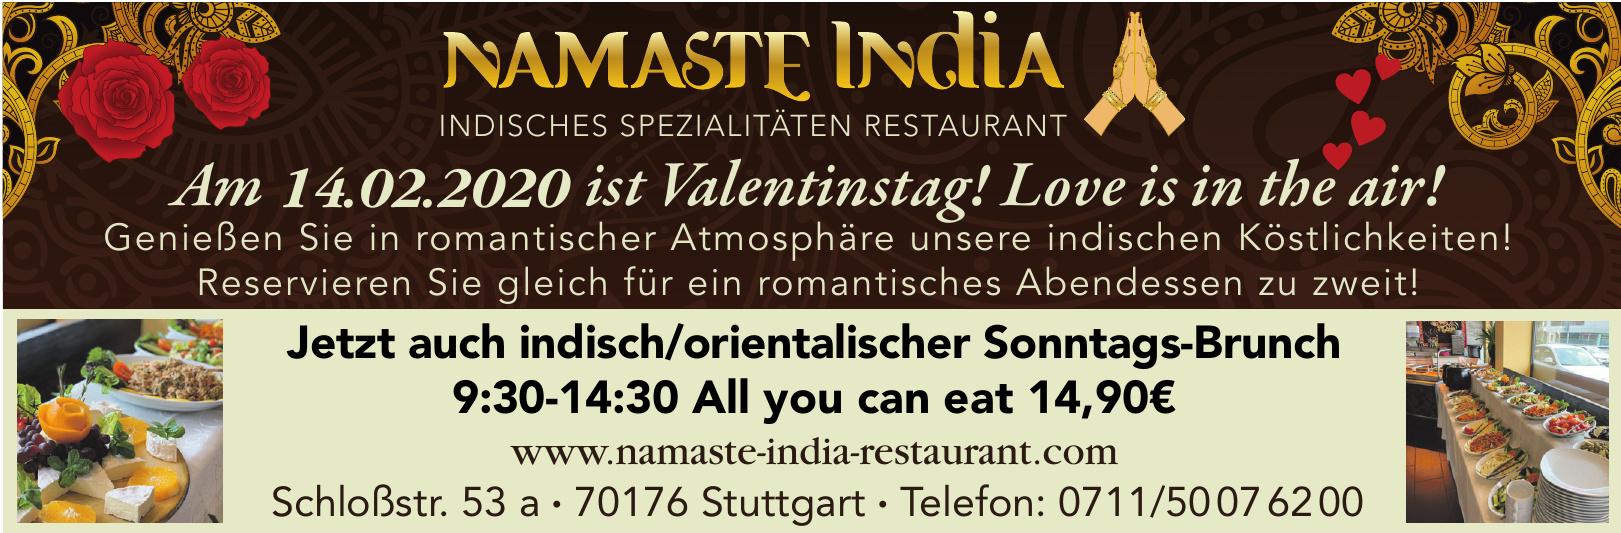 Restaurant Namaste India